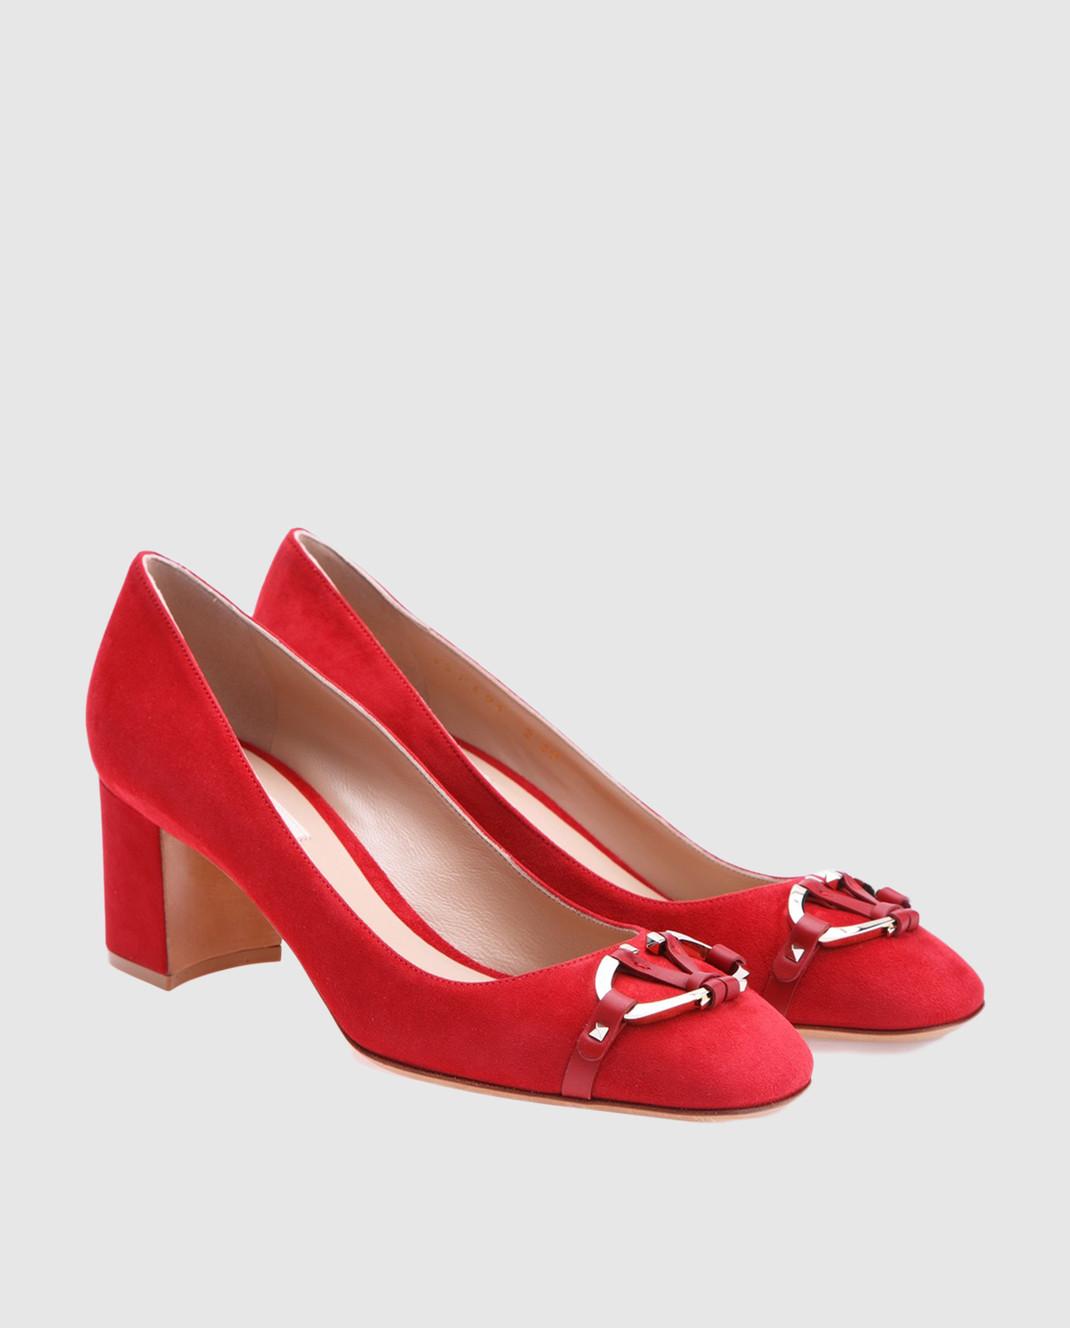 Valentino Красные туфли из замши изображение 2